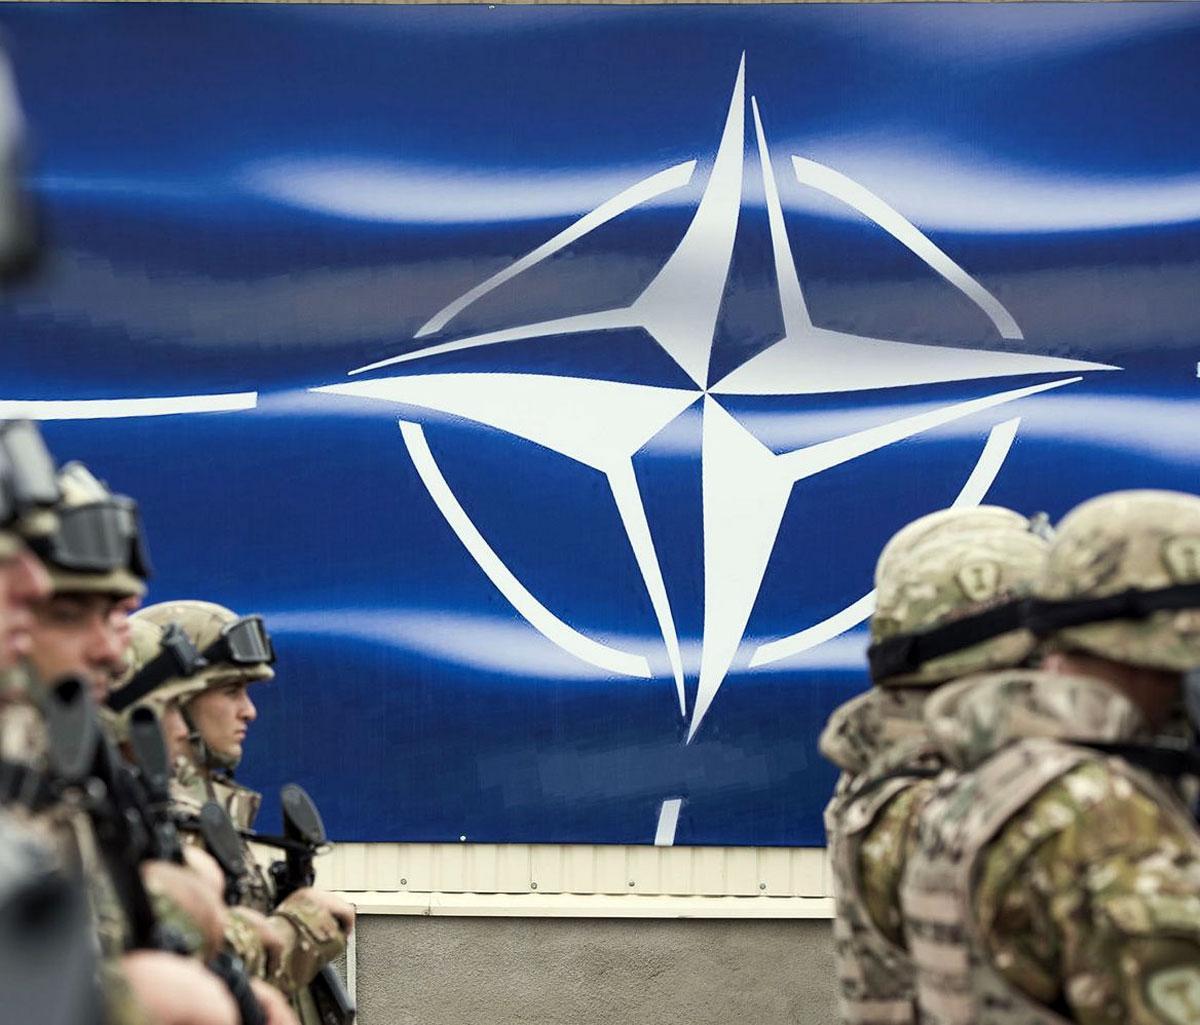 В НАТО отреагировали на призыв прекратить военную активность около границ России